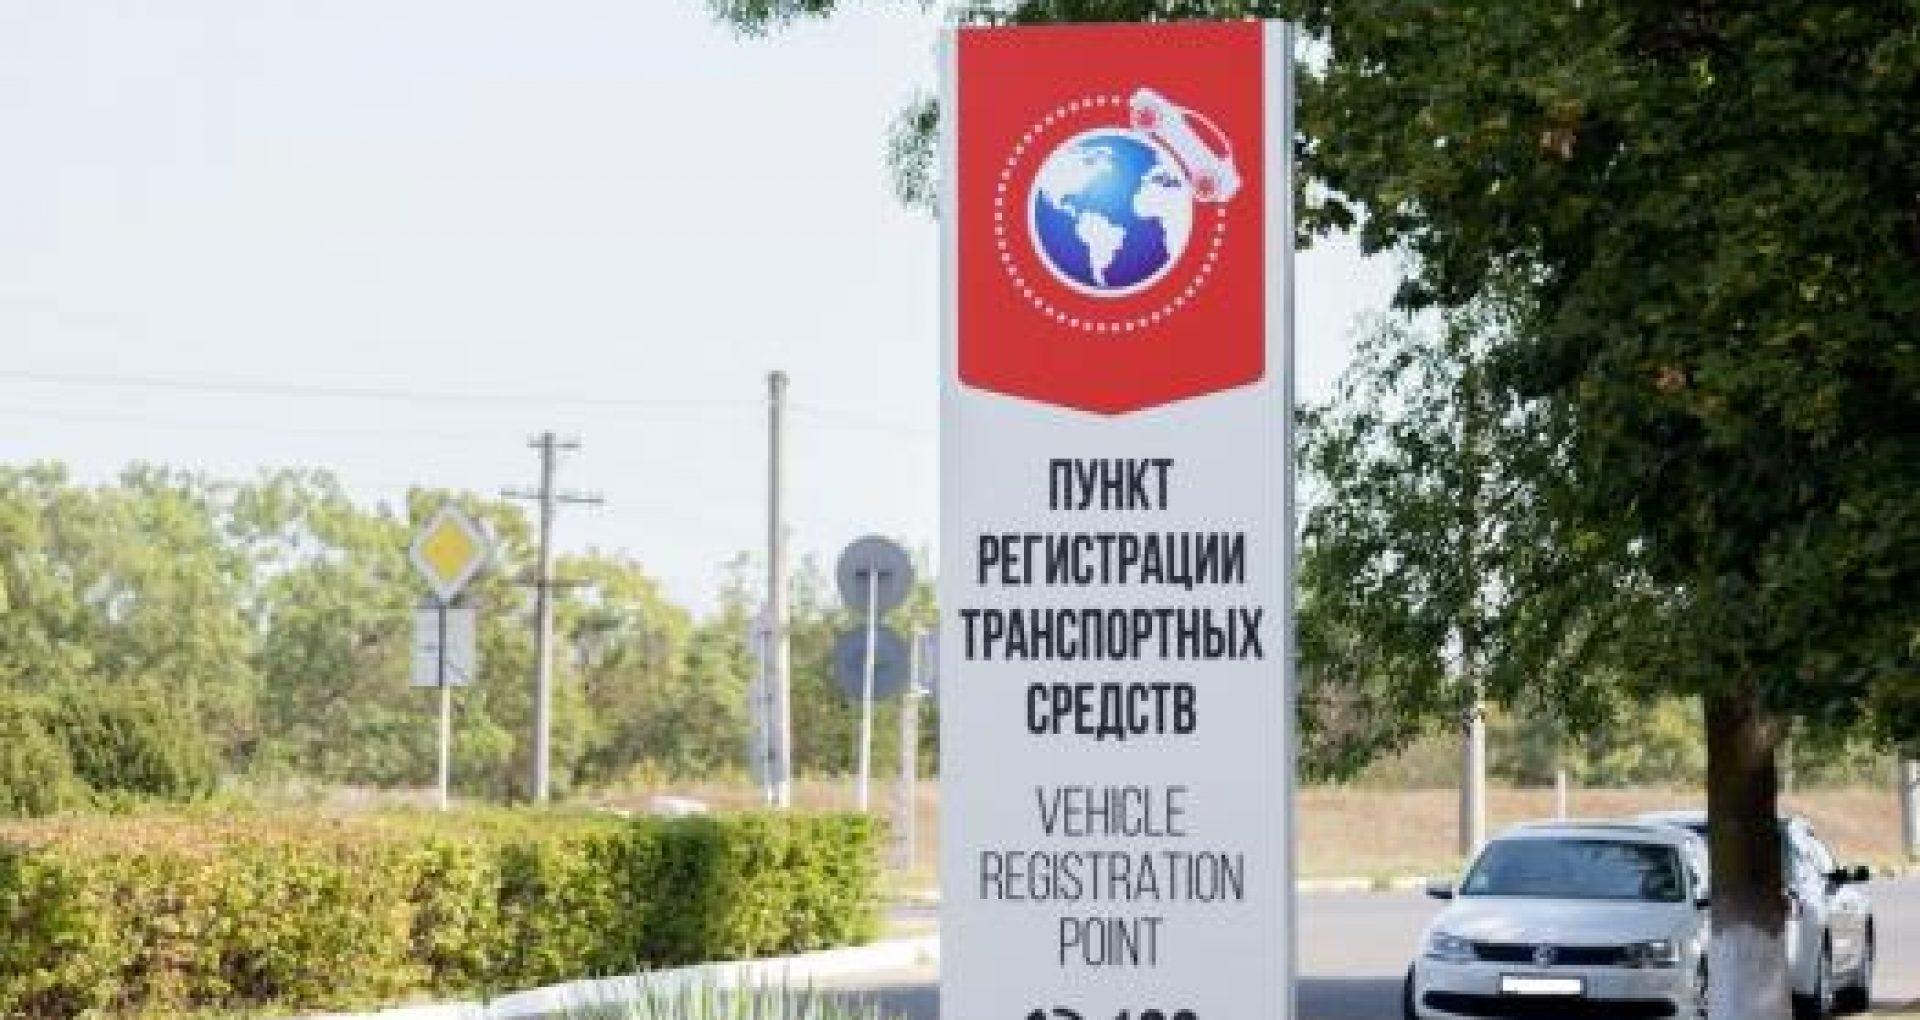 Mecanismul de înmatriculare a autoturismelor din regiunea transnistreană cu numere neutre a împlinit doi ani